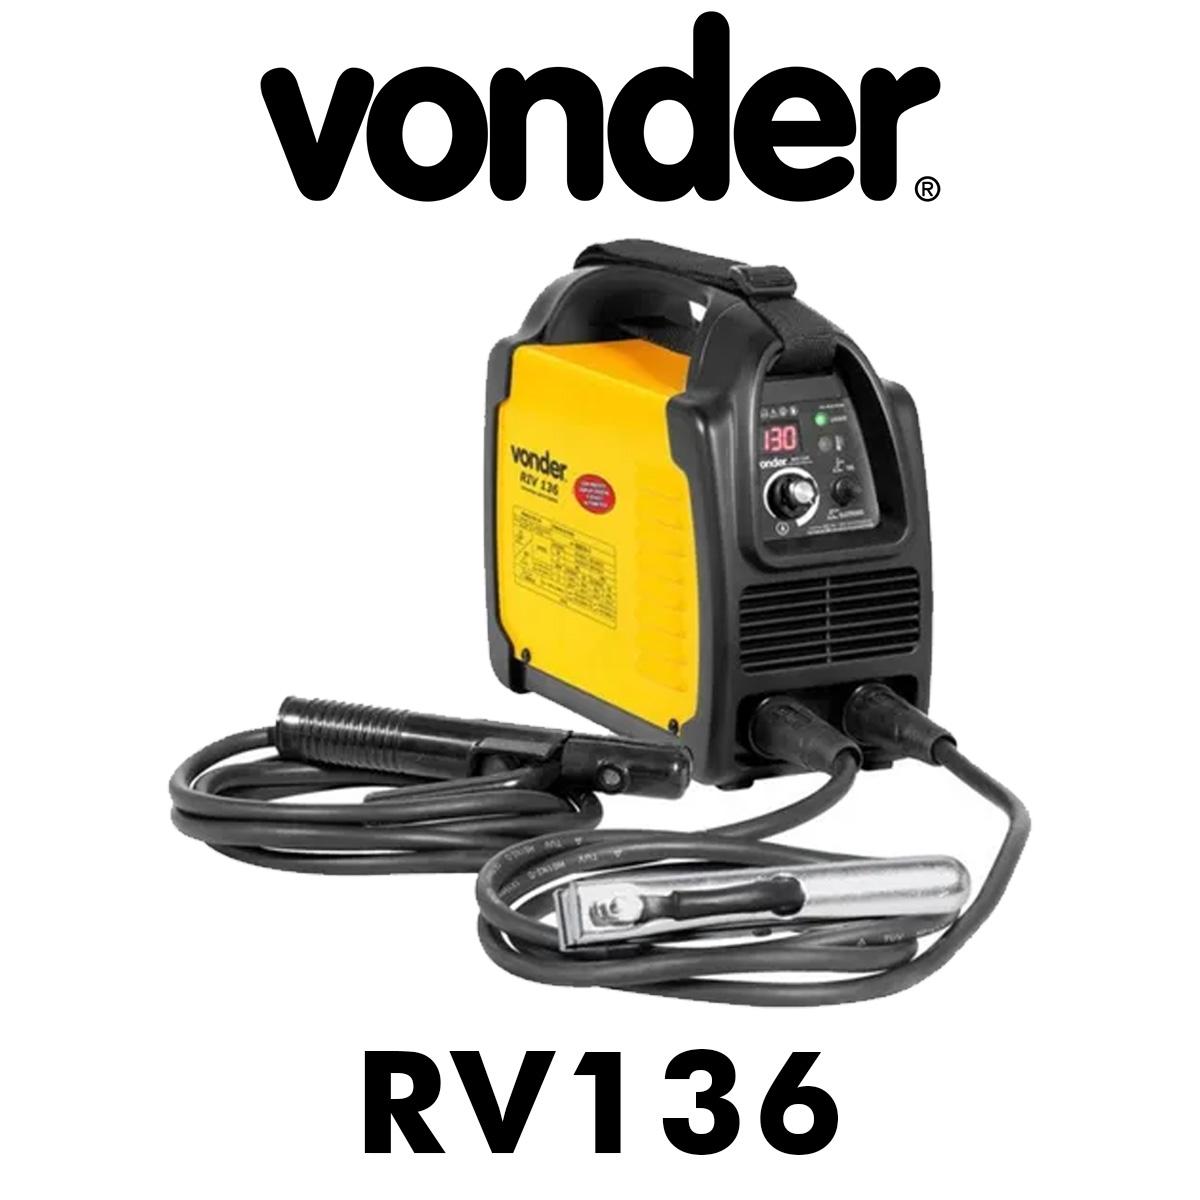 Máquina de Solda Inversora com Eletrodo Vonder RIV136 Bivolt Display Digital Poliparts